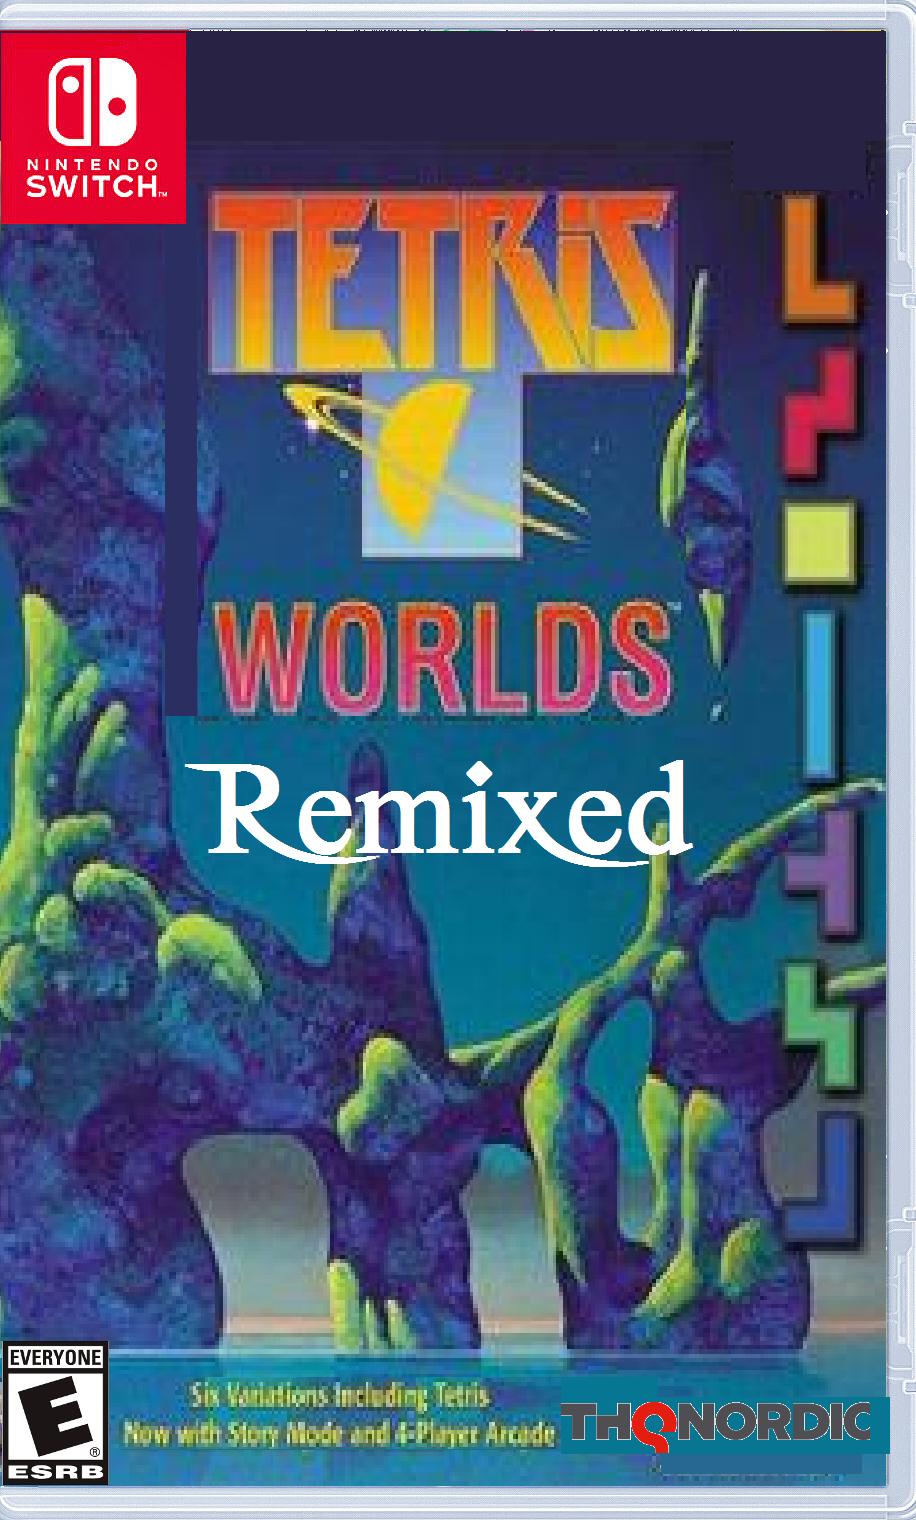 Tetris Worlds Remixed